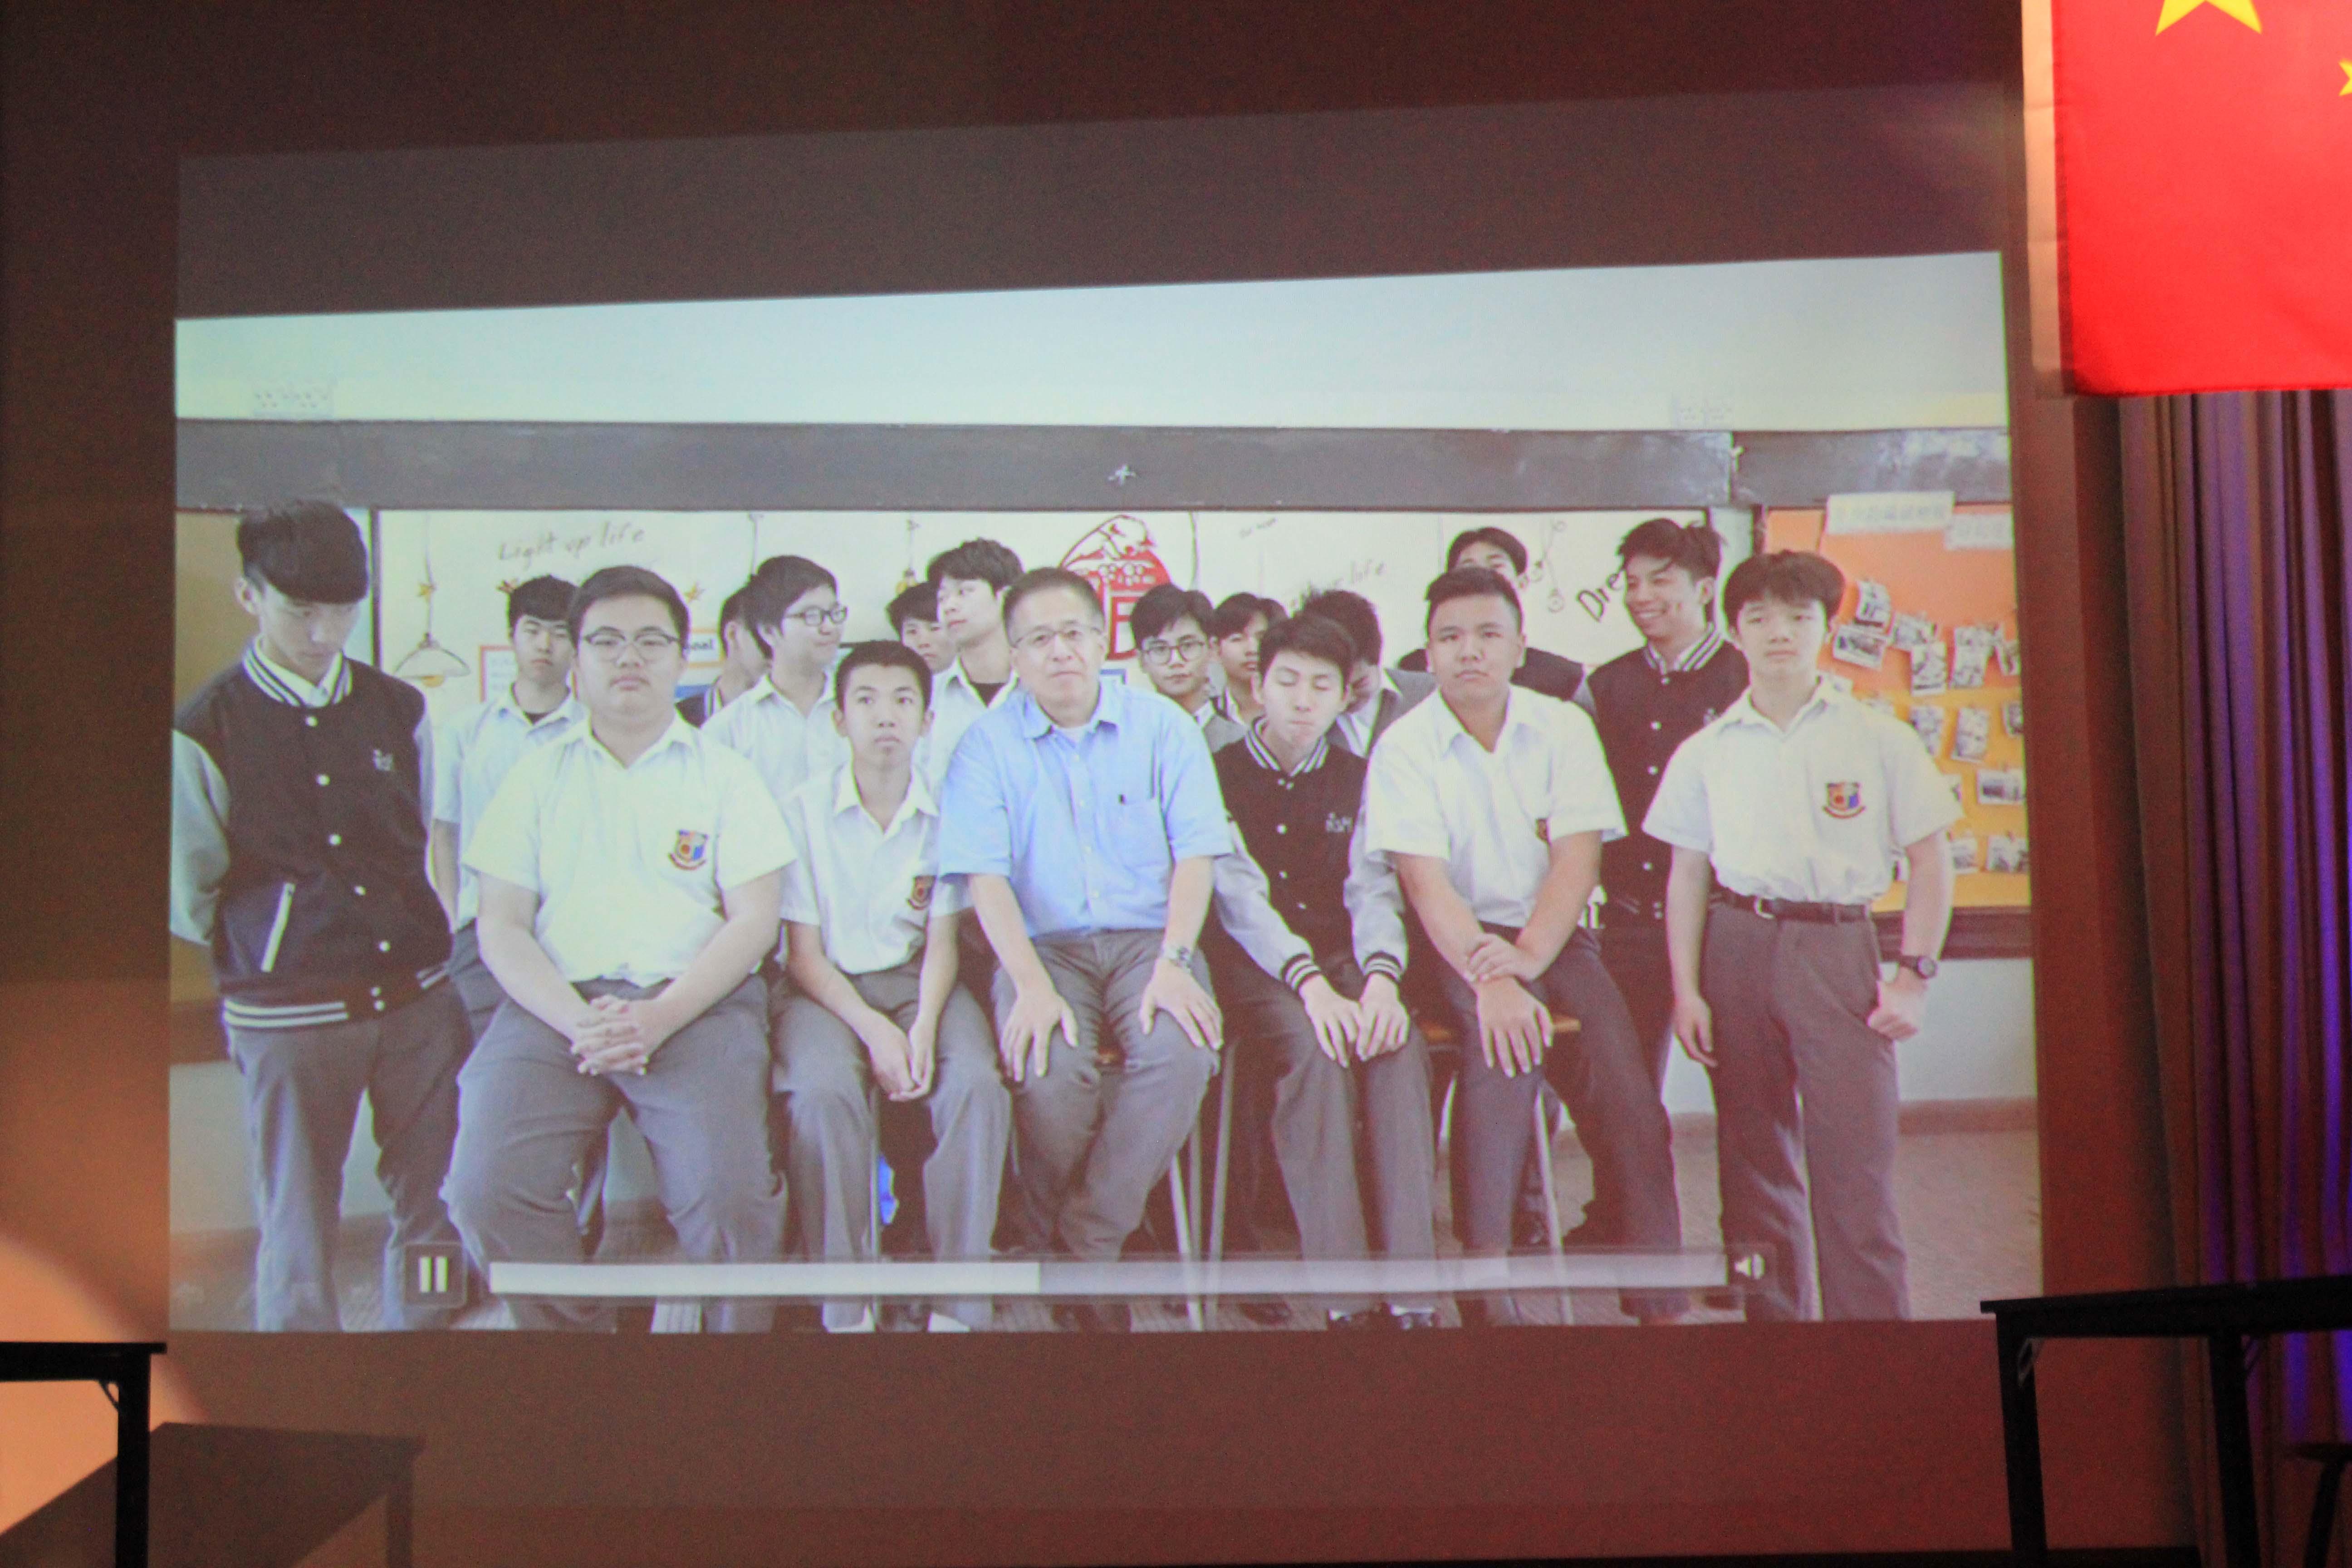 天主教慈幼會伍少梅中學的「中巴經濟走廊」高峰會活動相片3